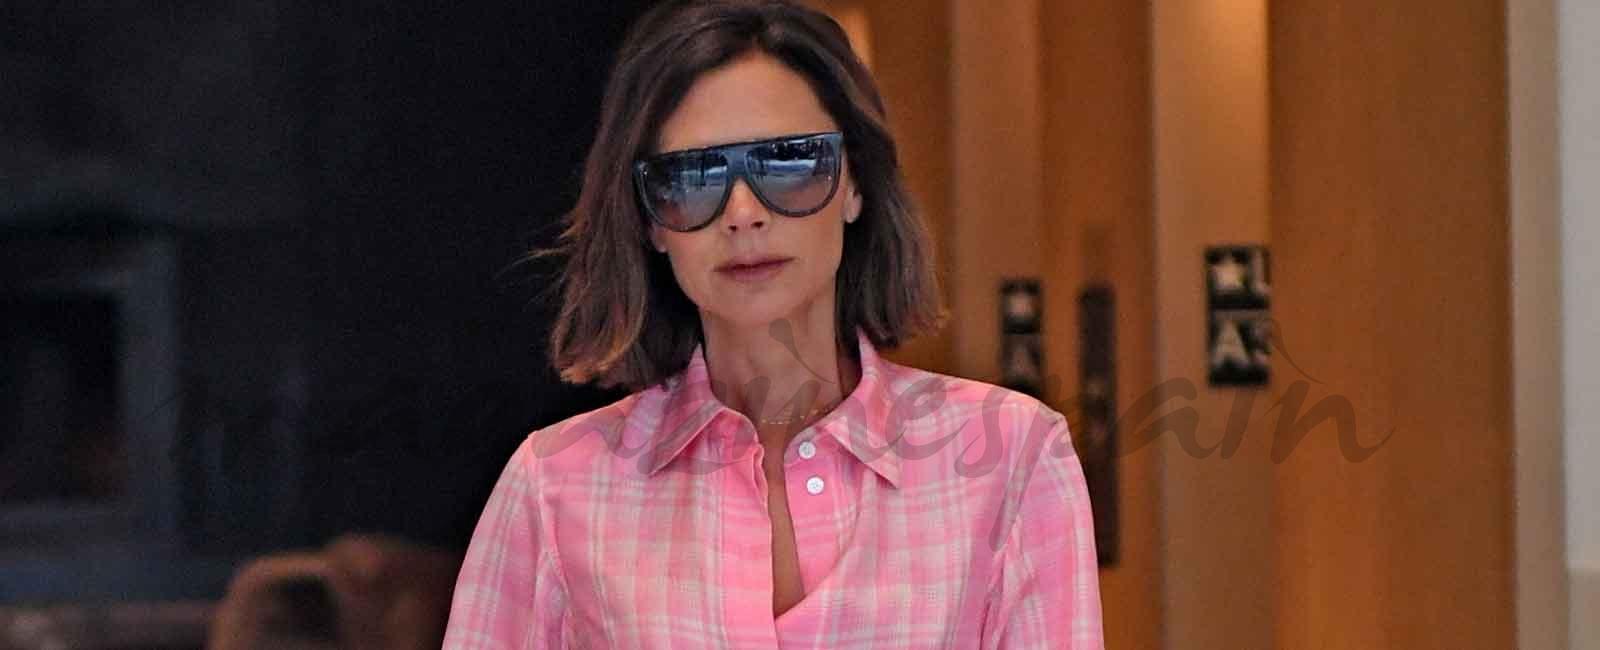 Victoria Beckham saca el pijama a la calle